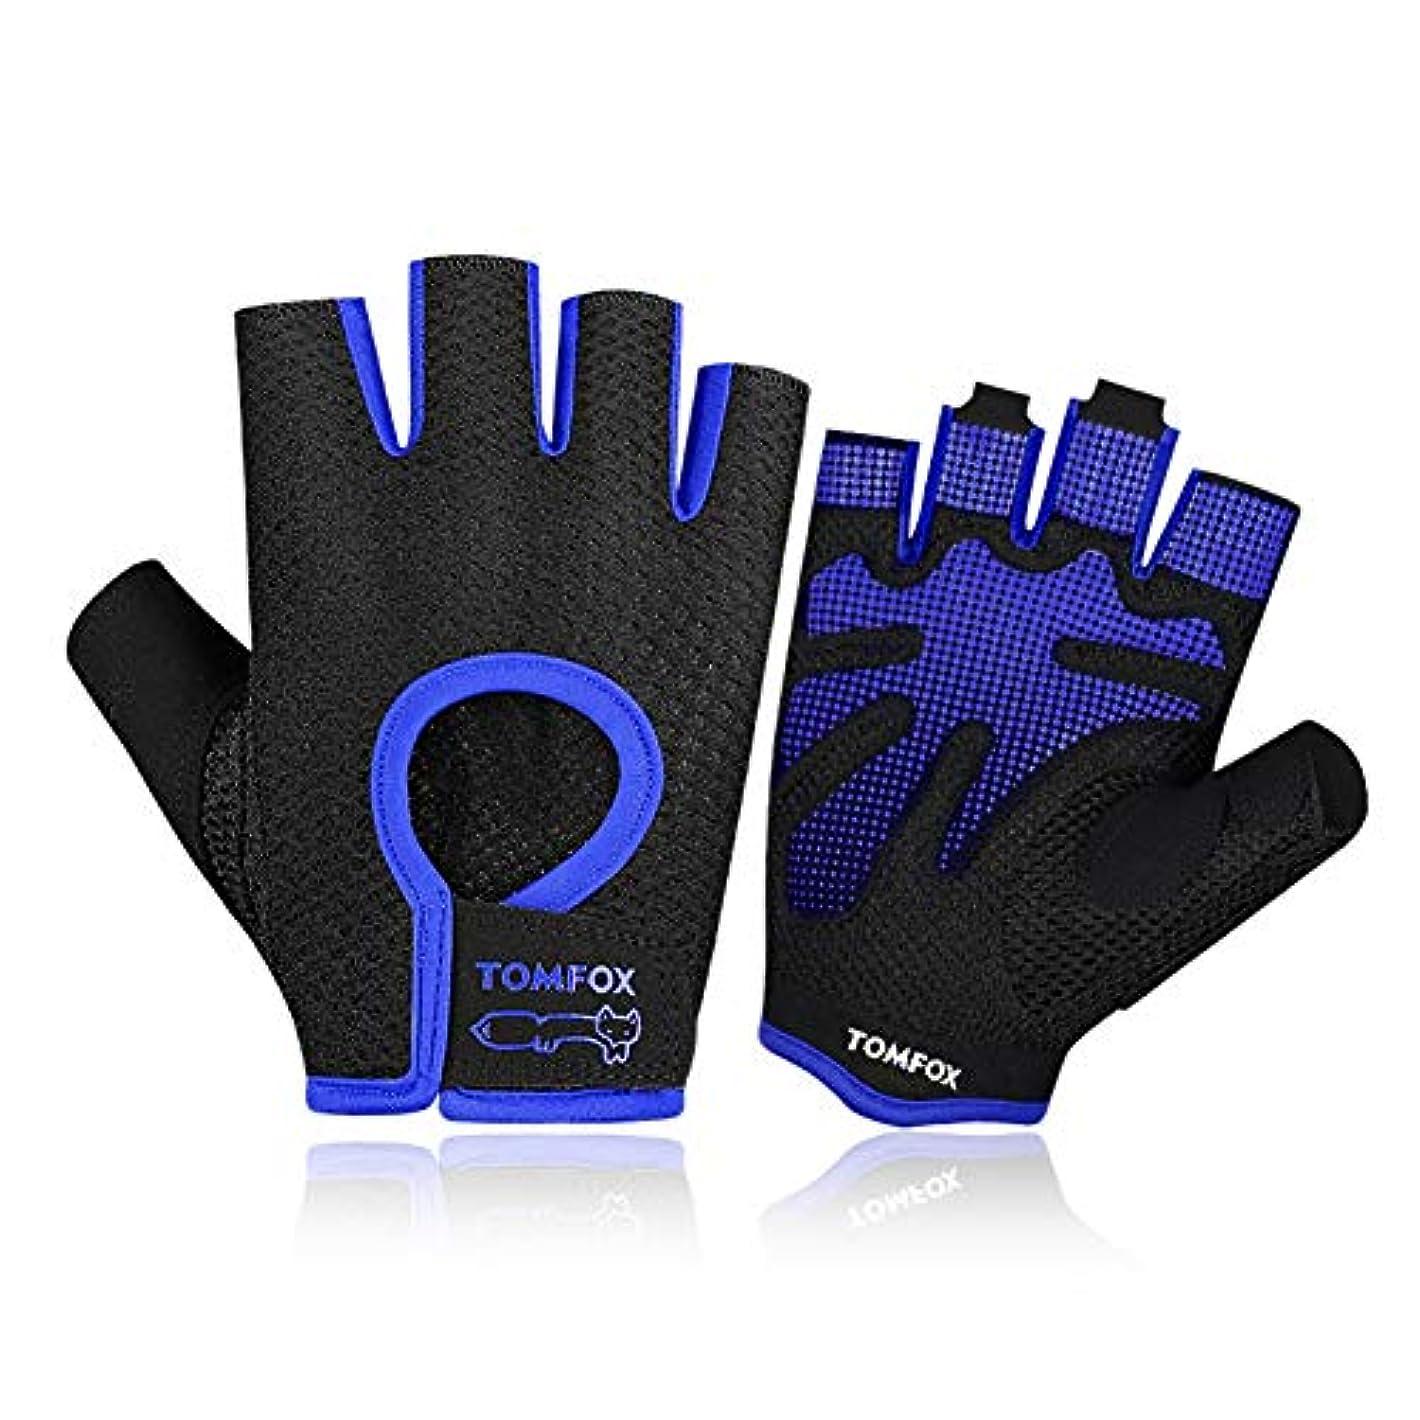 ナインへ不適当あいまいな快適 フィットネスサイクリング手袋男性と女性のハーフフィンガートレーニングスリップ通気性ジムダンベル運動スポーツバタフライメッシュ薄いセクション (色 : 青, サイズ : Xg15-S)